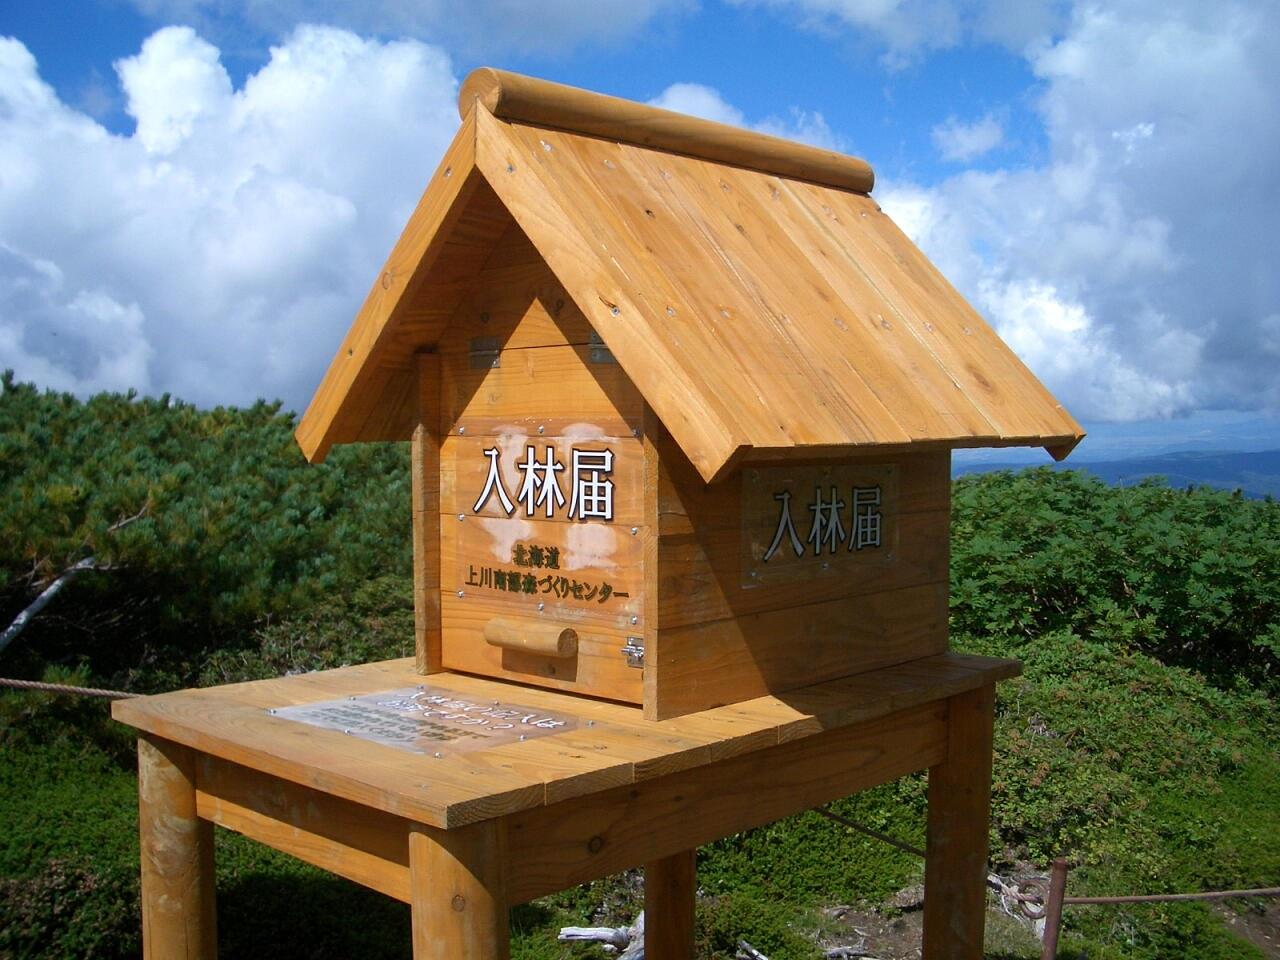 登山客用の入林届出箱の製作